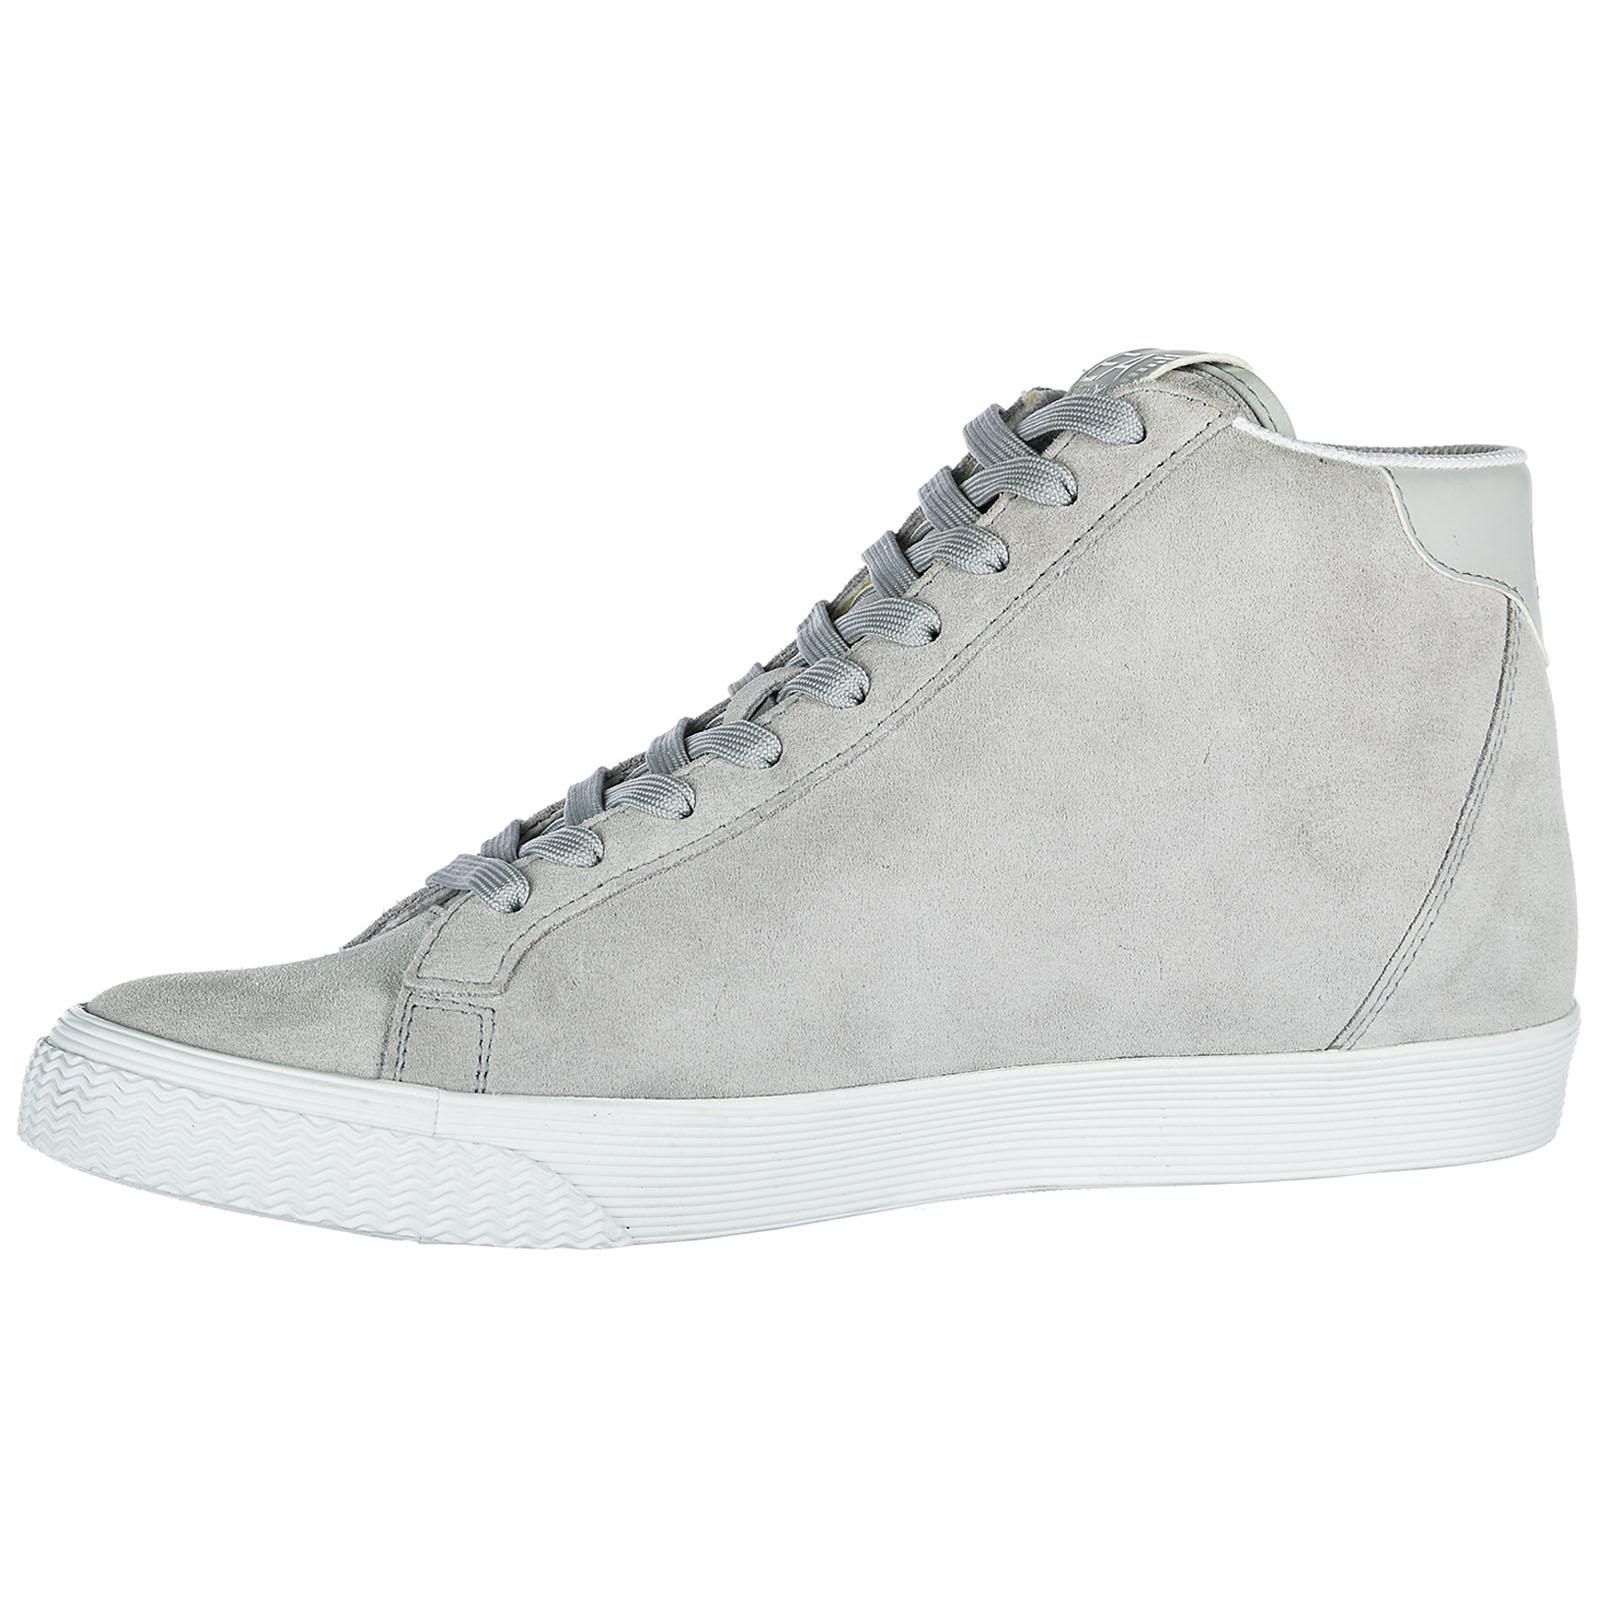 Emporio 8p299 Grigio 03655 Alte Sneakers Ea7 248010 Armani p5xzZWw1q